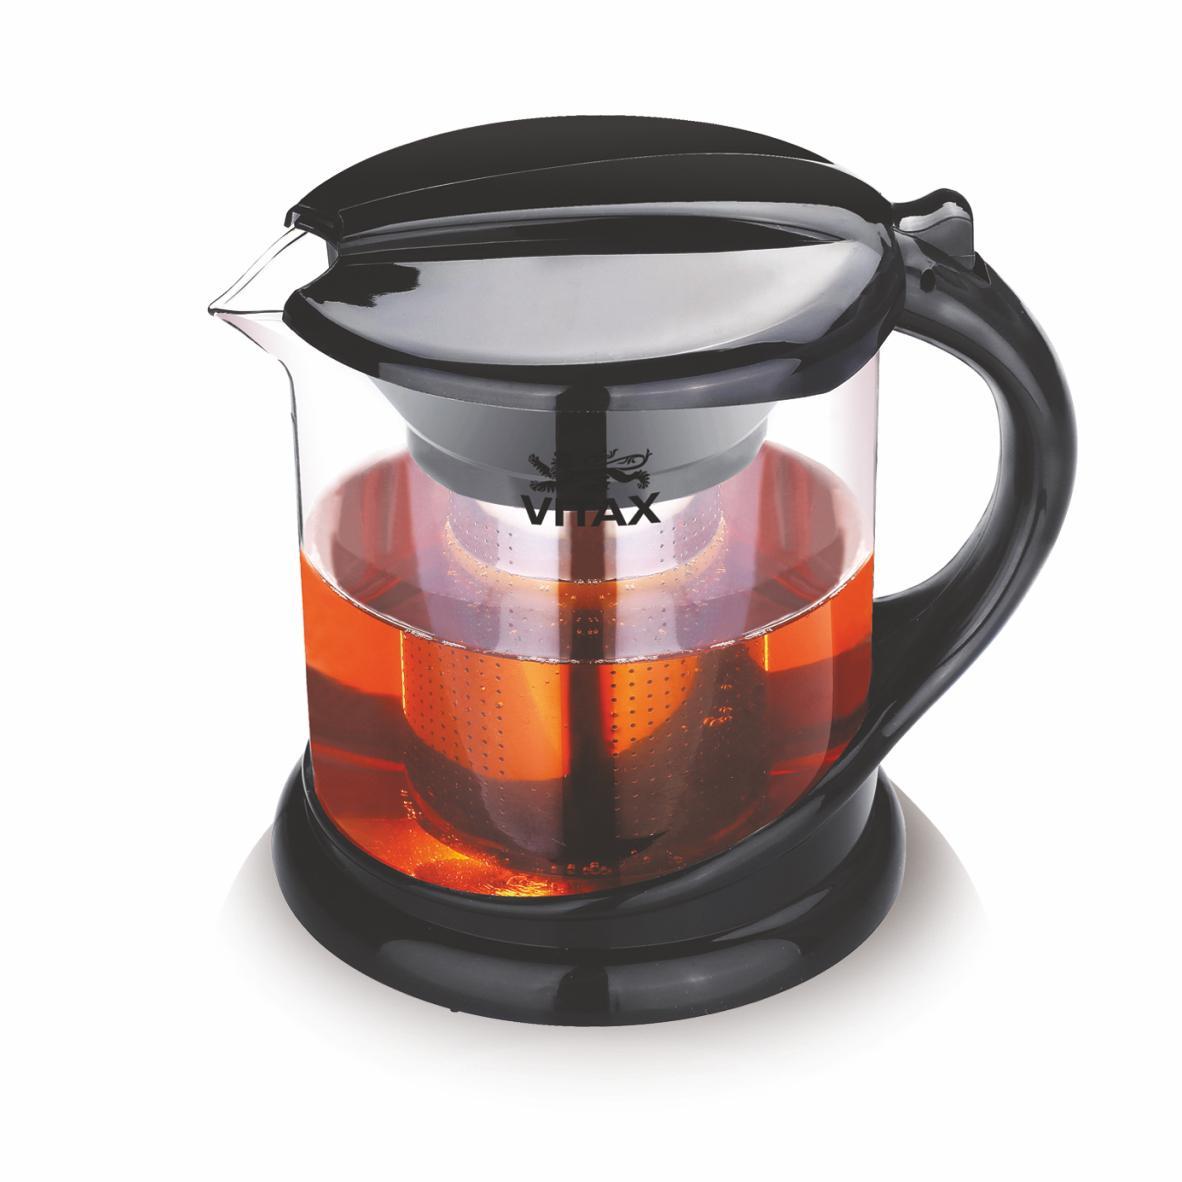 Чайник заварочный Vitax Vx-3304 видеорегистратор intego vx 410mr